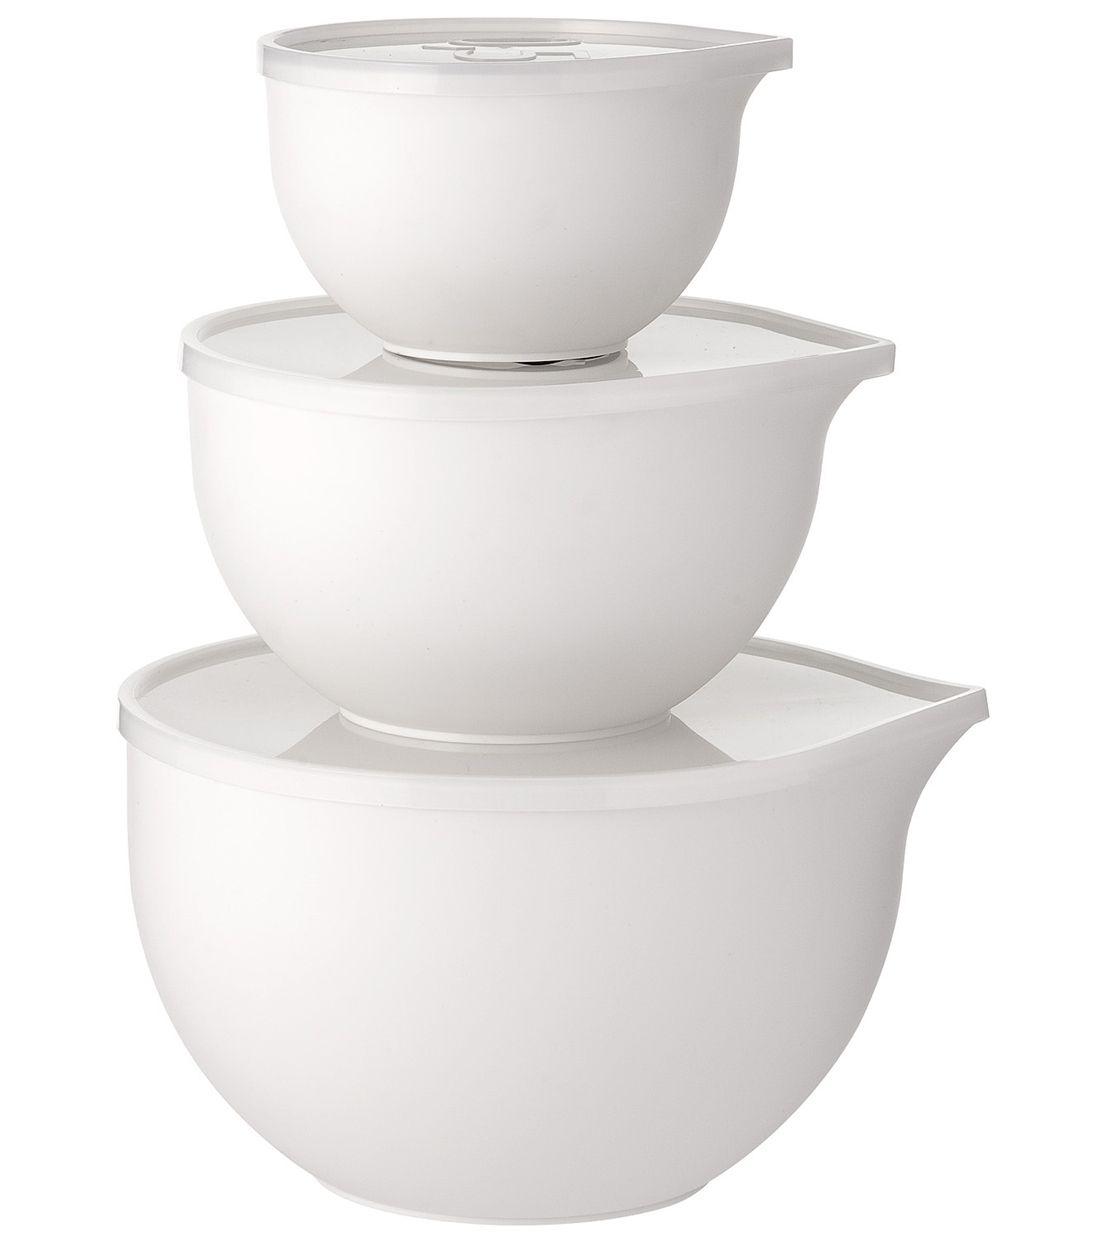 3-pak mengkommen - HEMA | HEMA | Pinterest | Pure white, Kitchenware ...